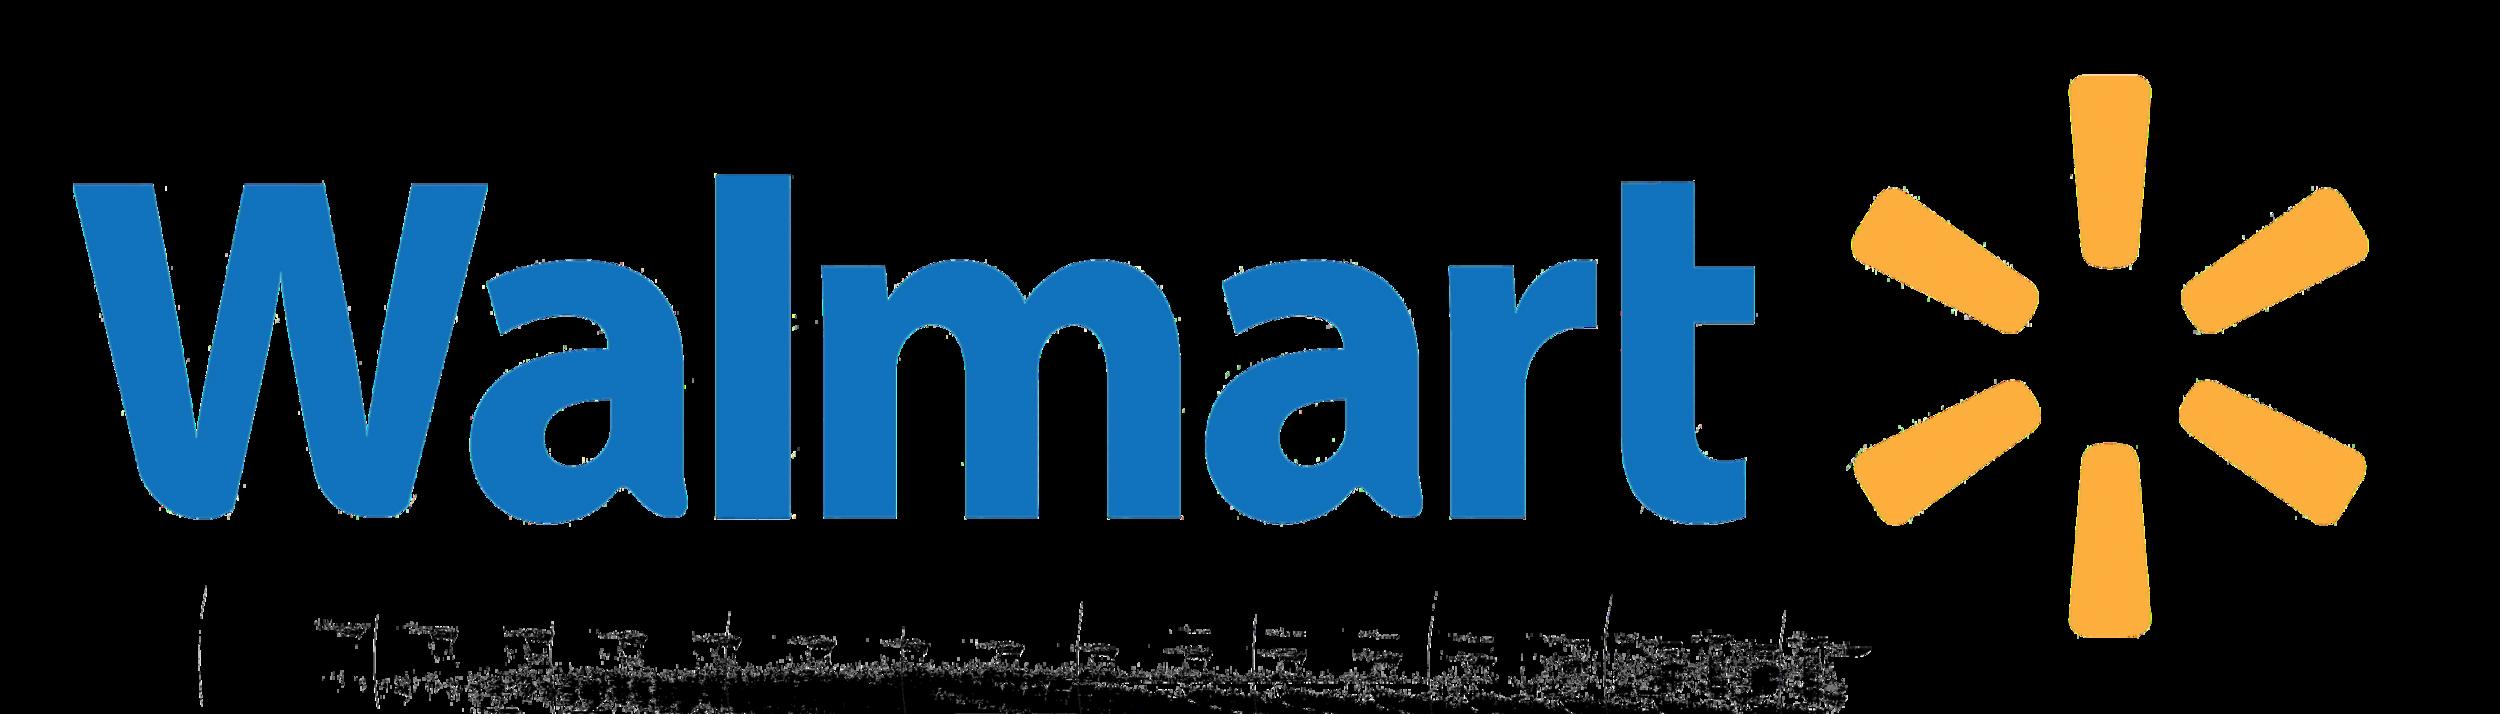 PNGPIX-COM-Walmart-Logo-PNG-Transparent.png